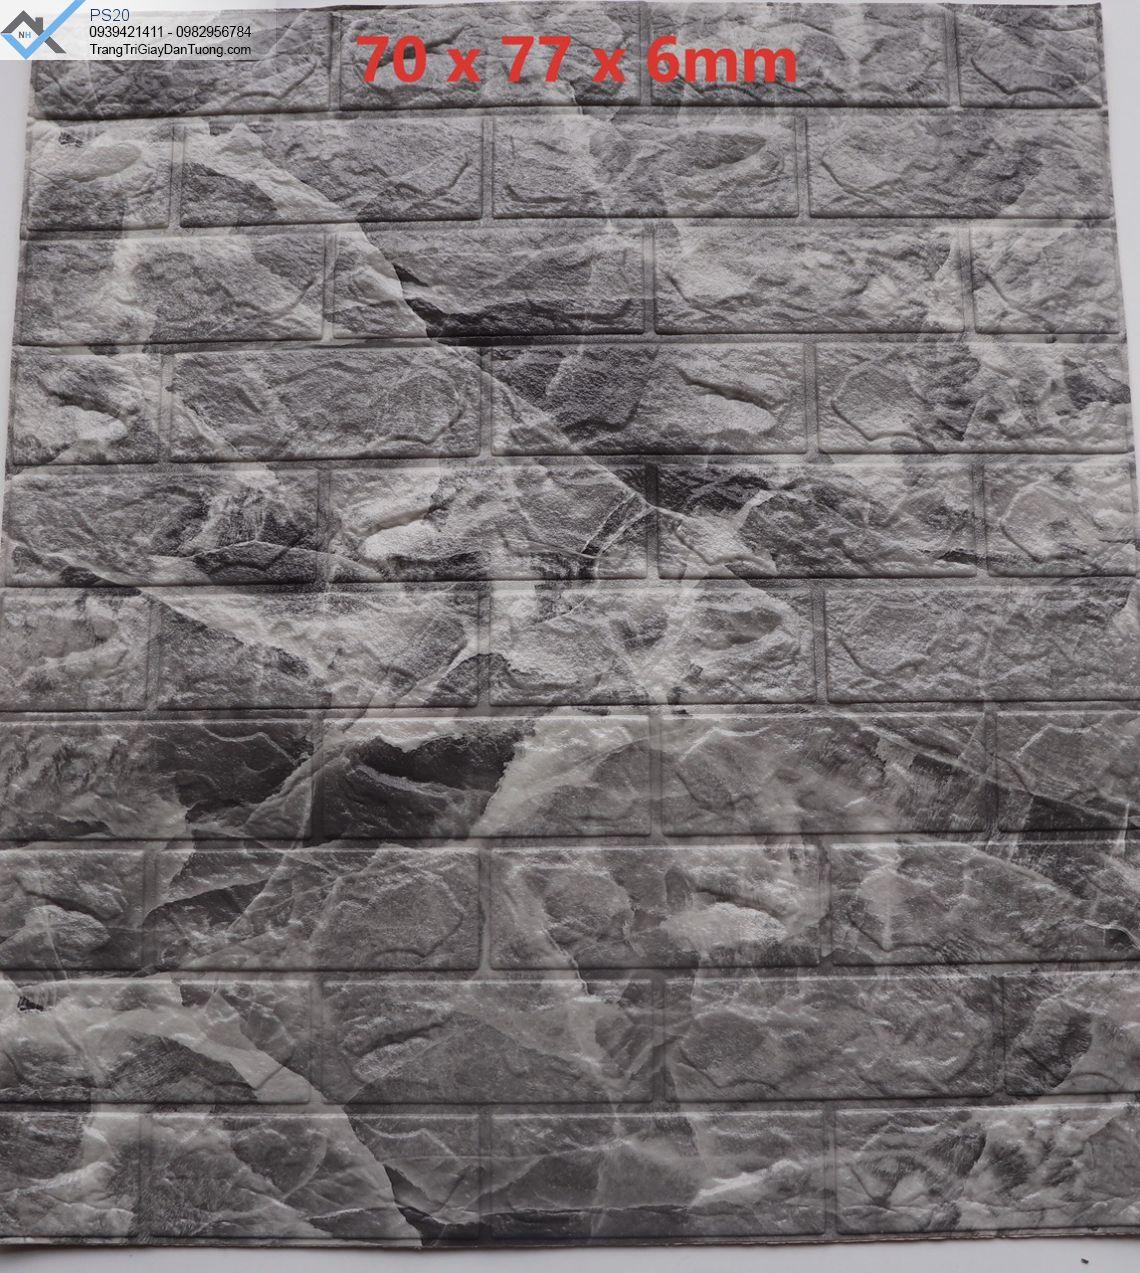 Xốp dán tường giả gạch 3d, xốp dán tường giả gạch vân đá